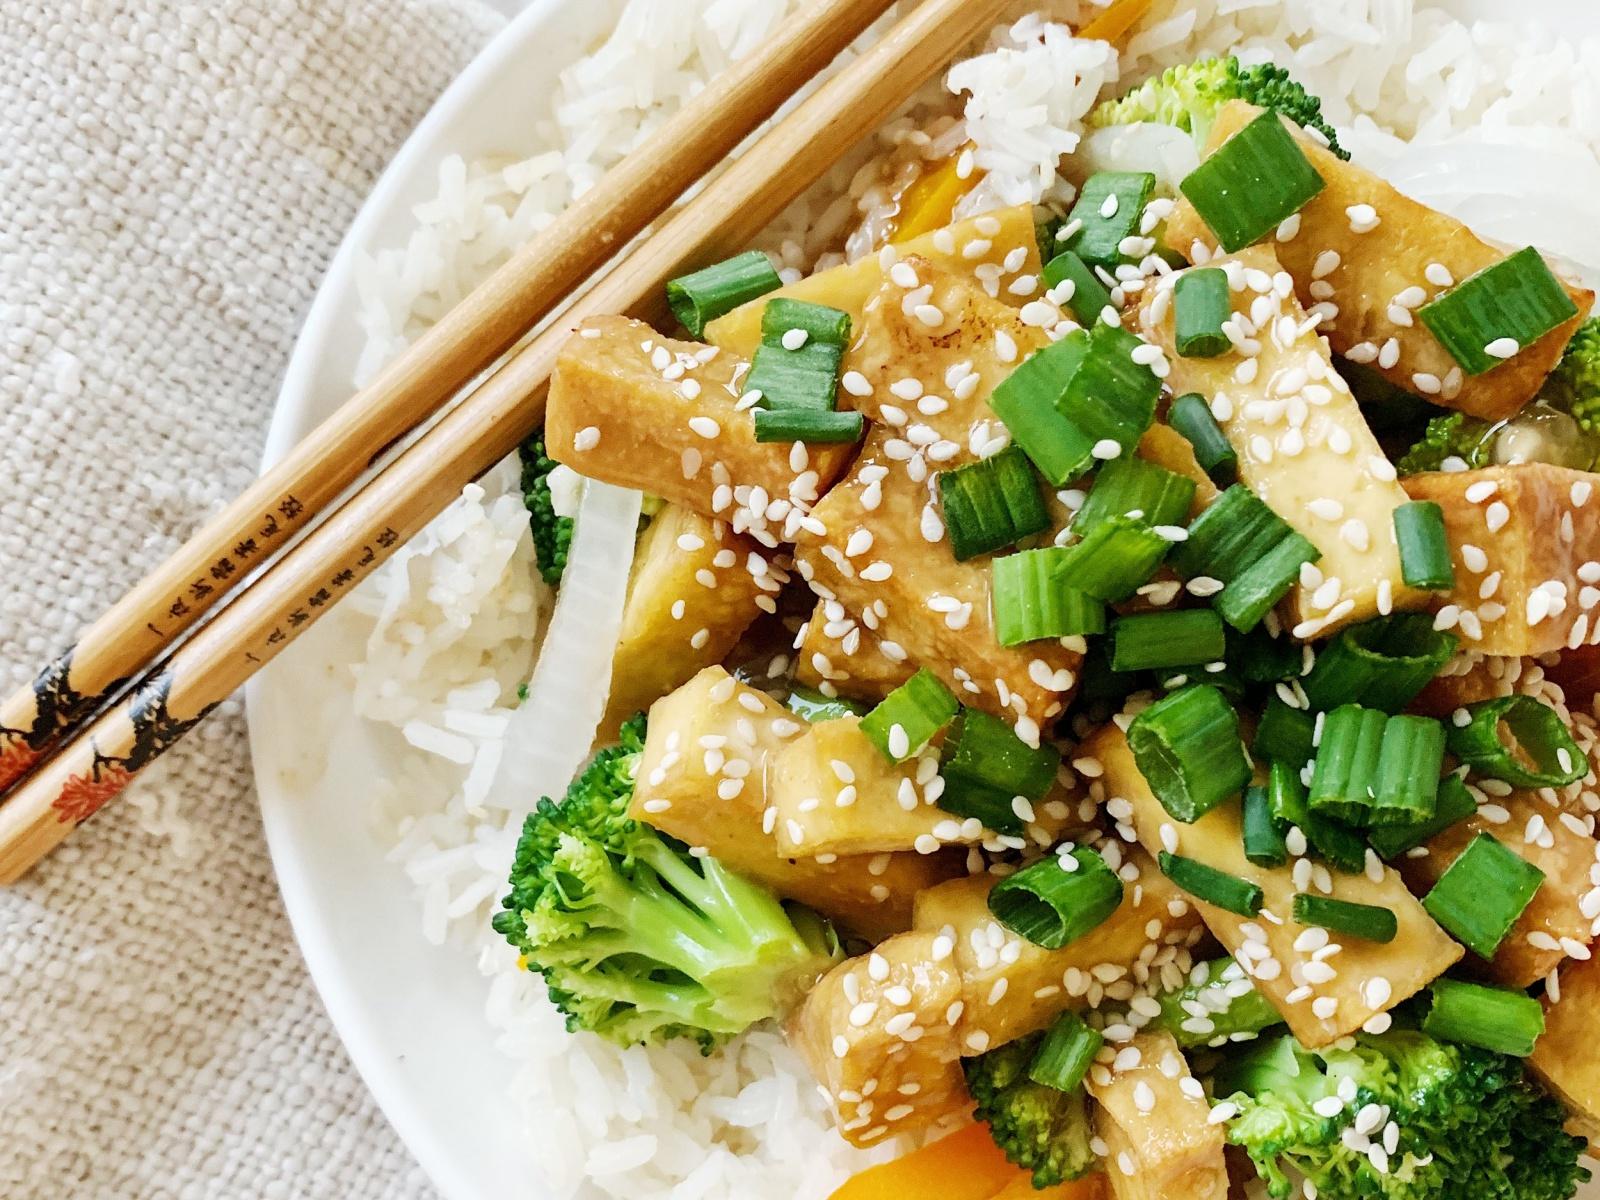 teriyaki tofu and vegetables over rice